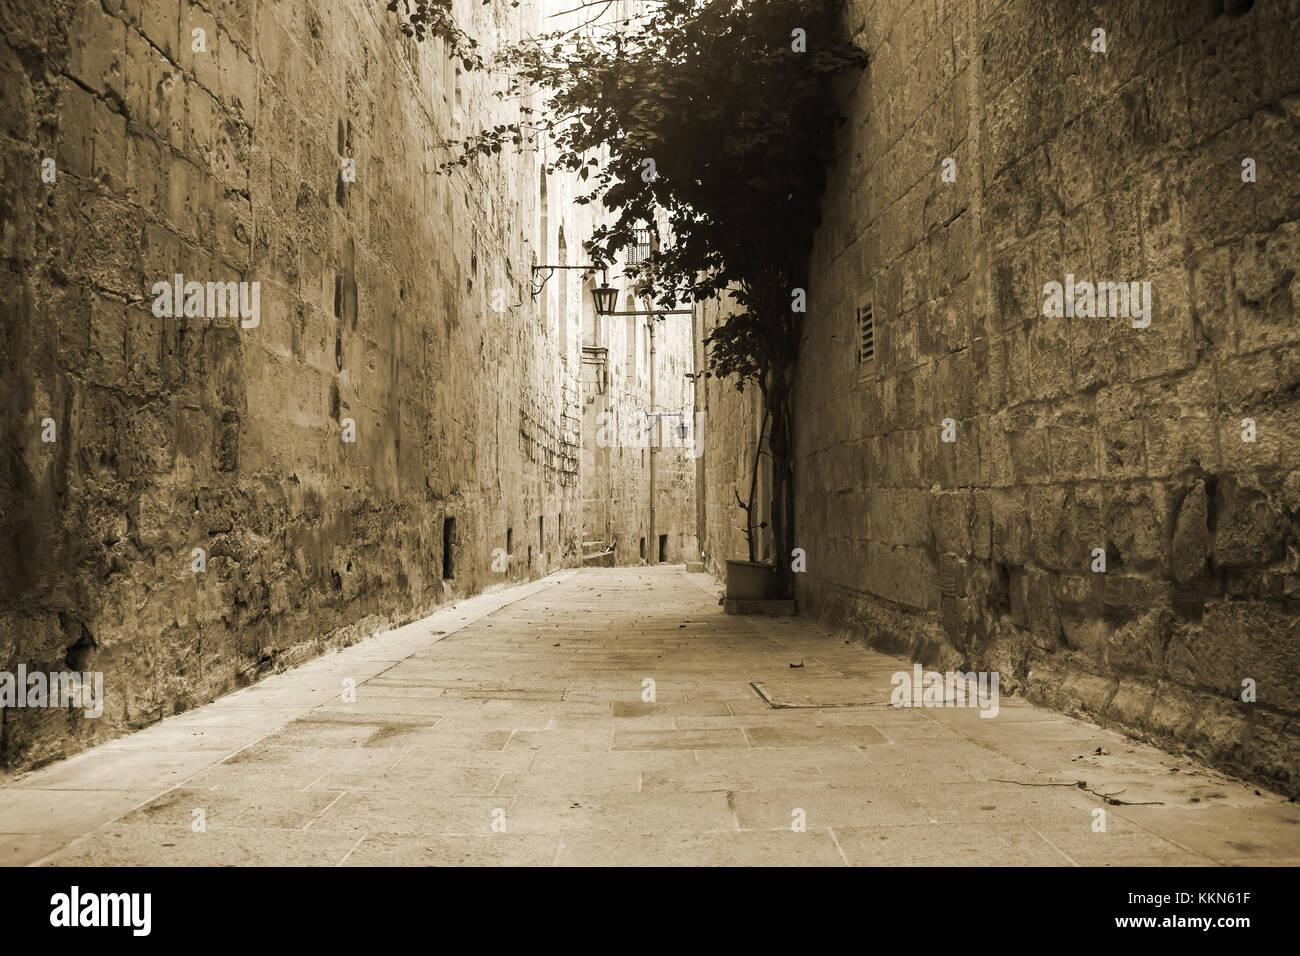 Alte Gasse in mdina Malta in Sepia. Stockbild